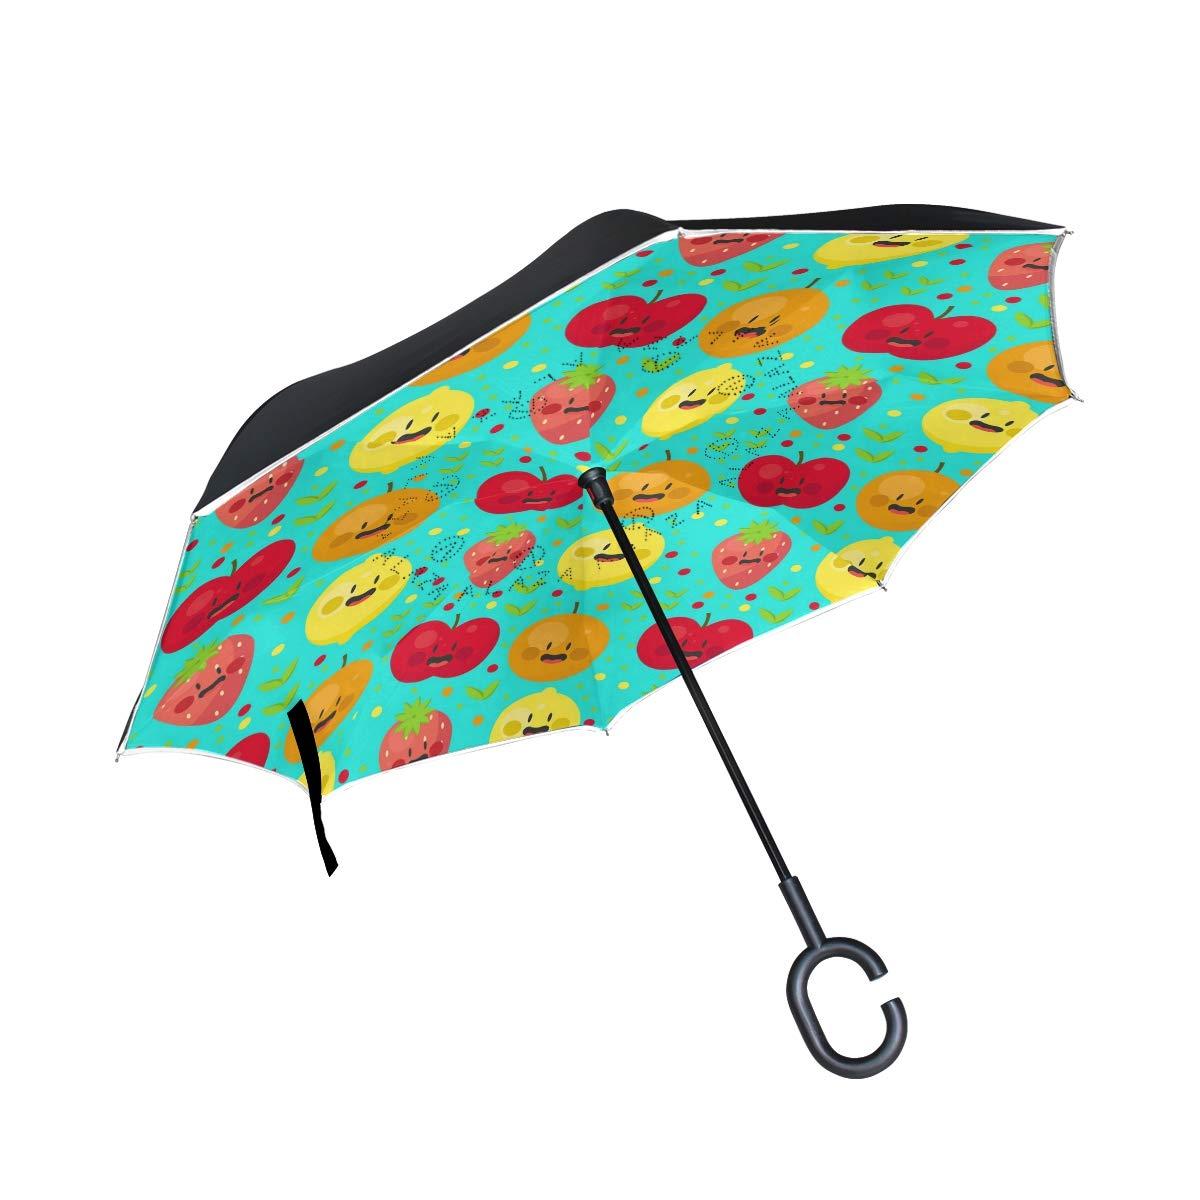 ALINLO inversé Parapluie coloré Fruits Motif Citron, Double Couche Envers Parapluie pour Voiture Pluie étanche d'extérieur avec poignée en Forme de C